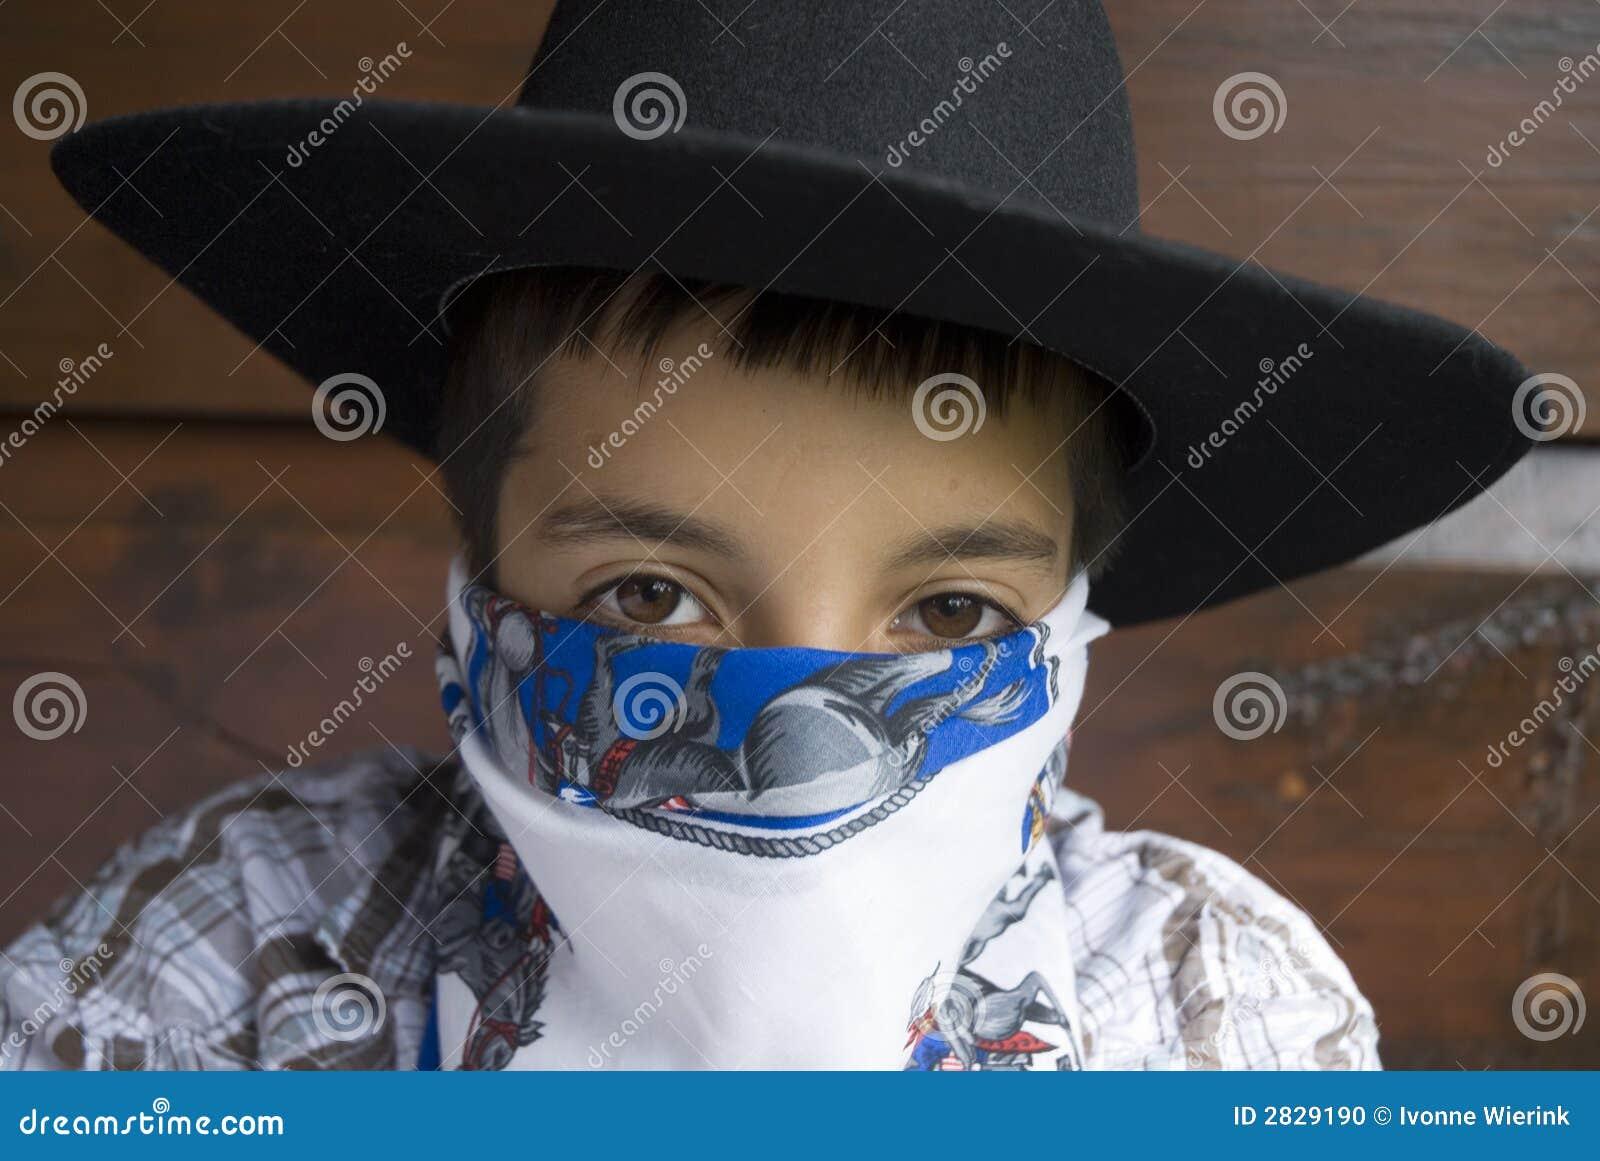 Cowboy-vida